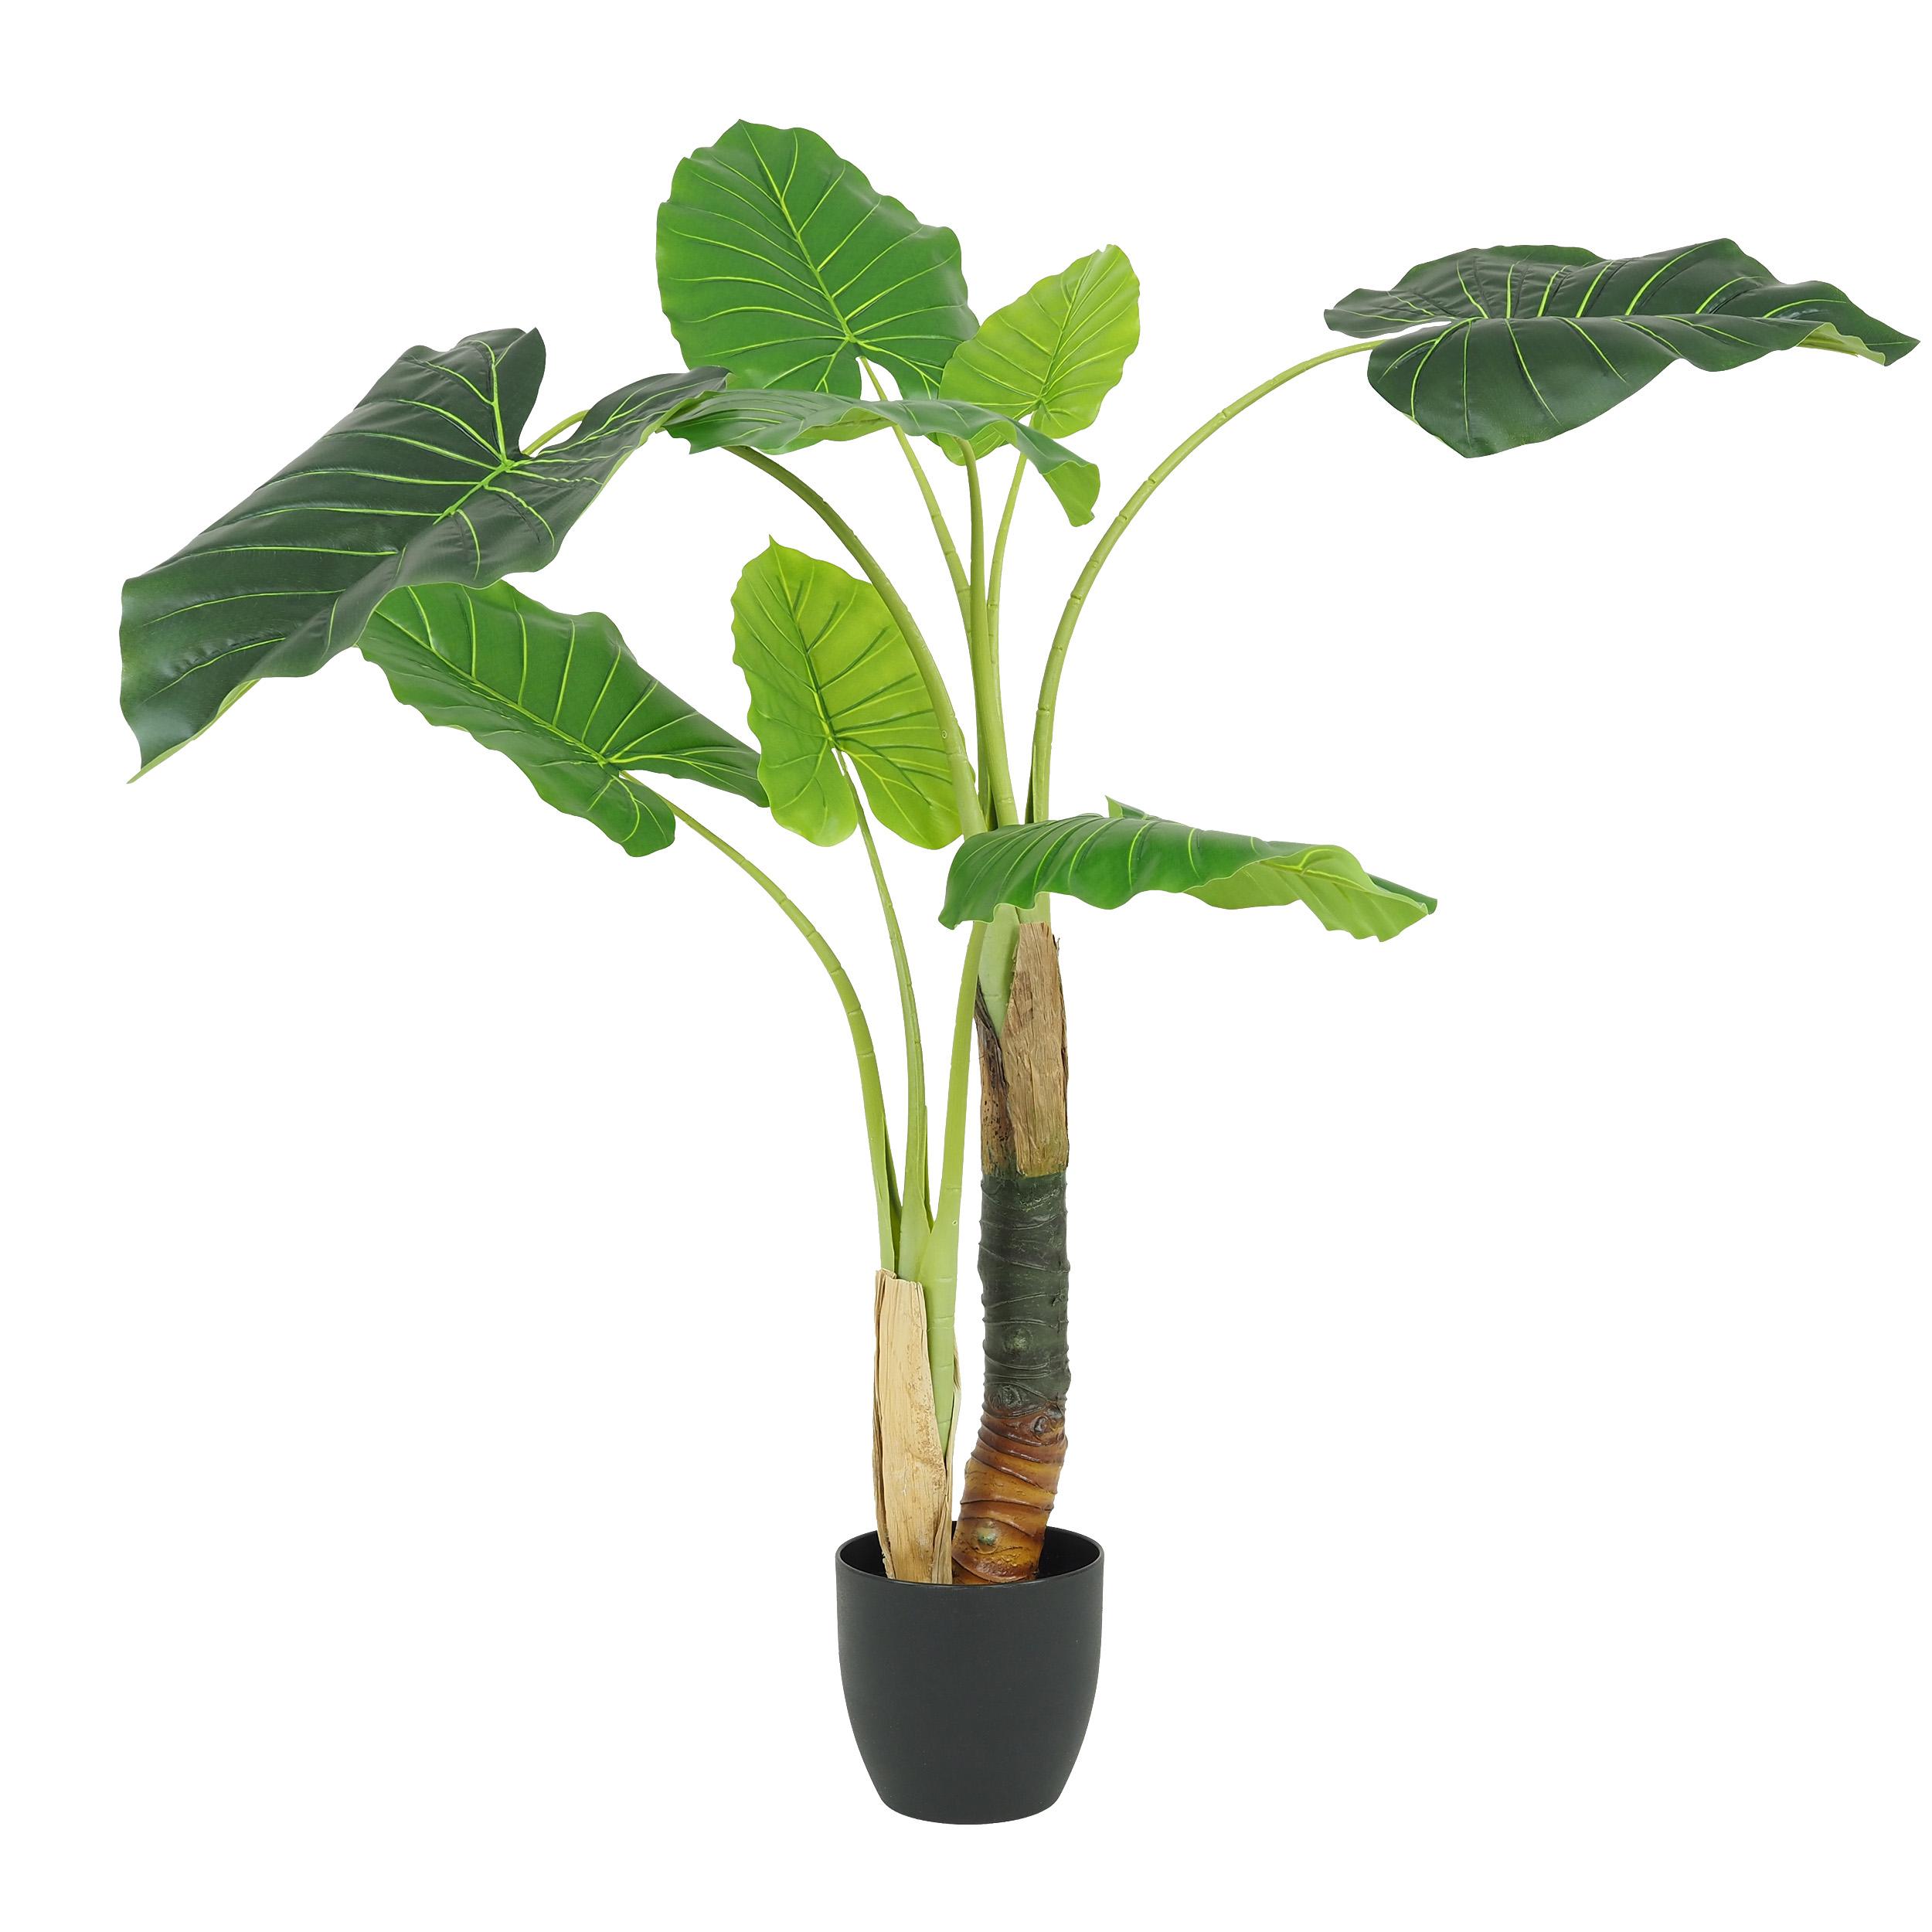 Plante philo alocasia artificielle 120 cm effet toucher réel\